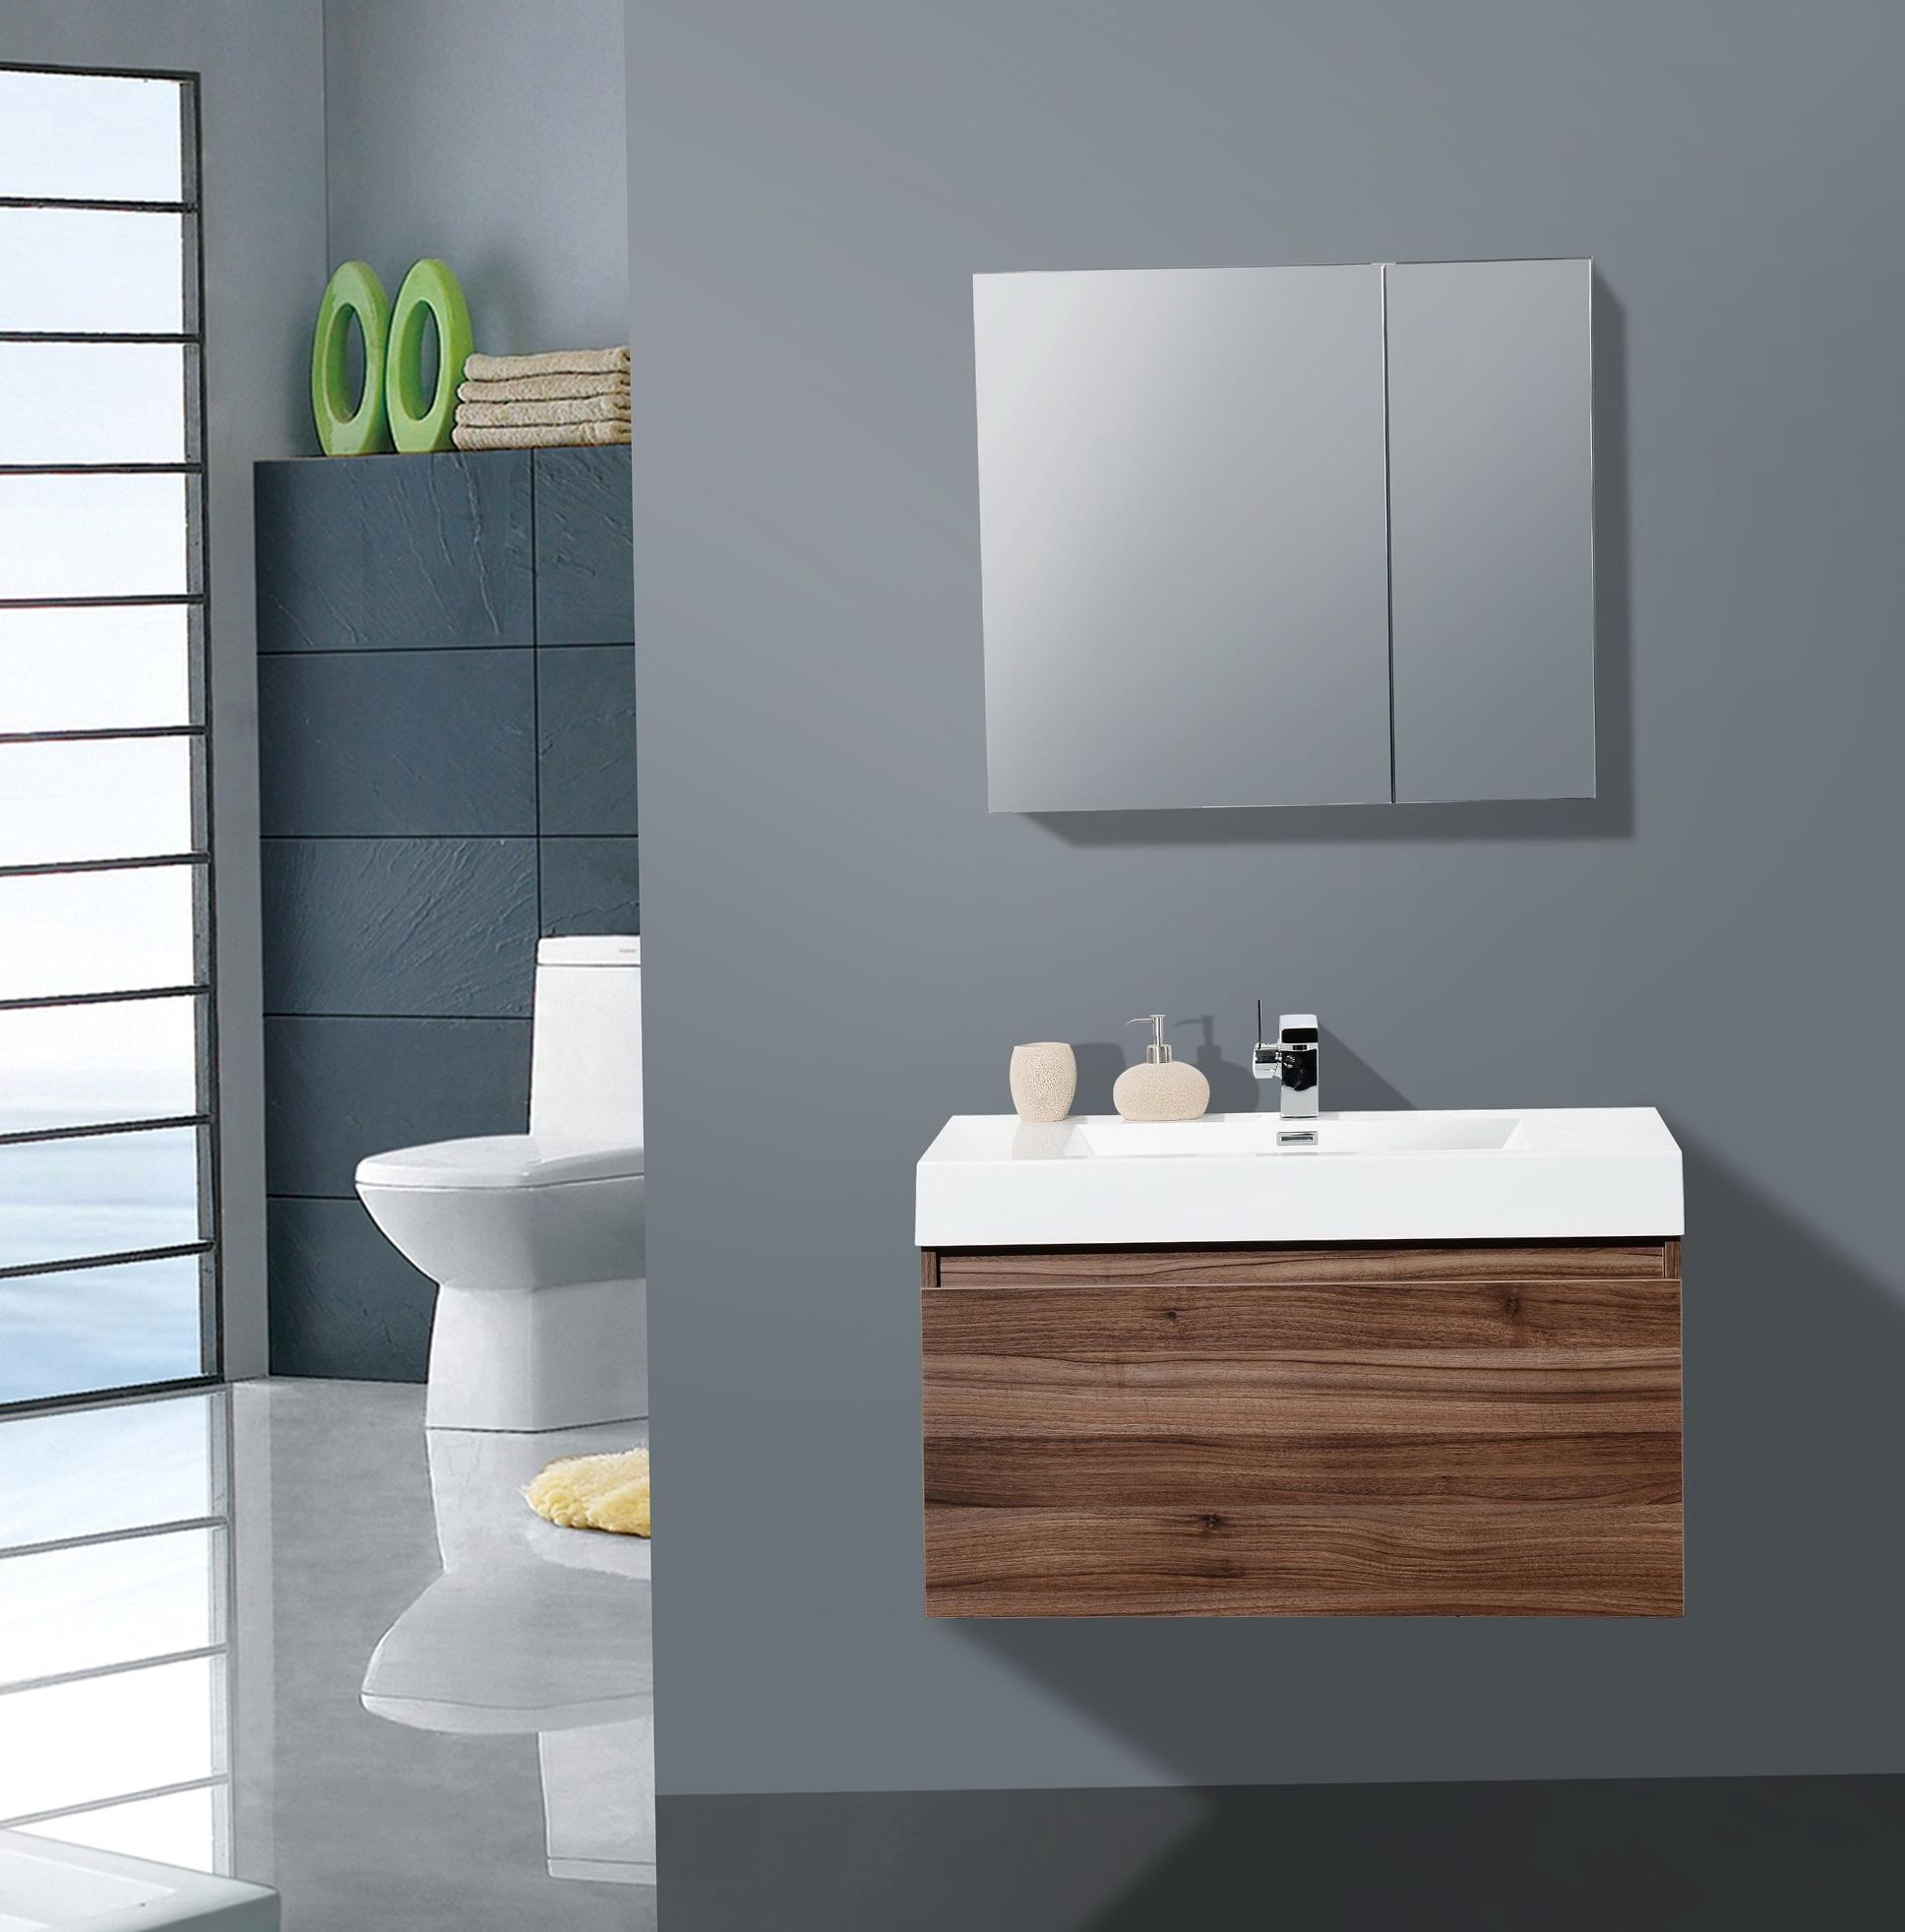 36 Inch Bathroom Vanity Mirror